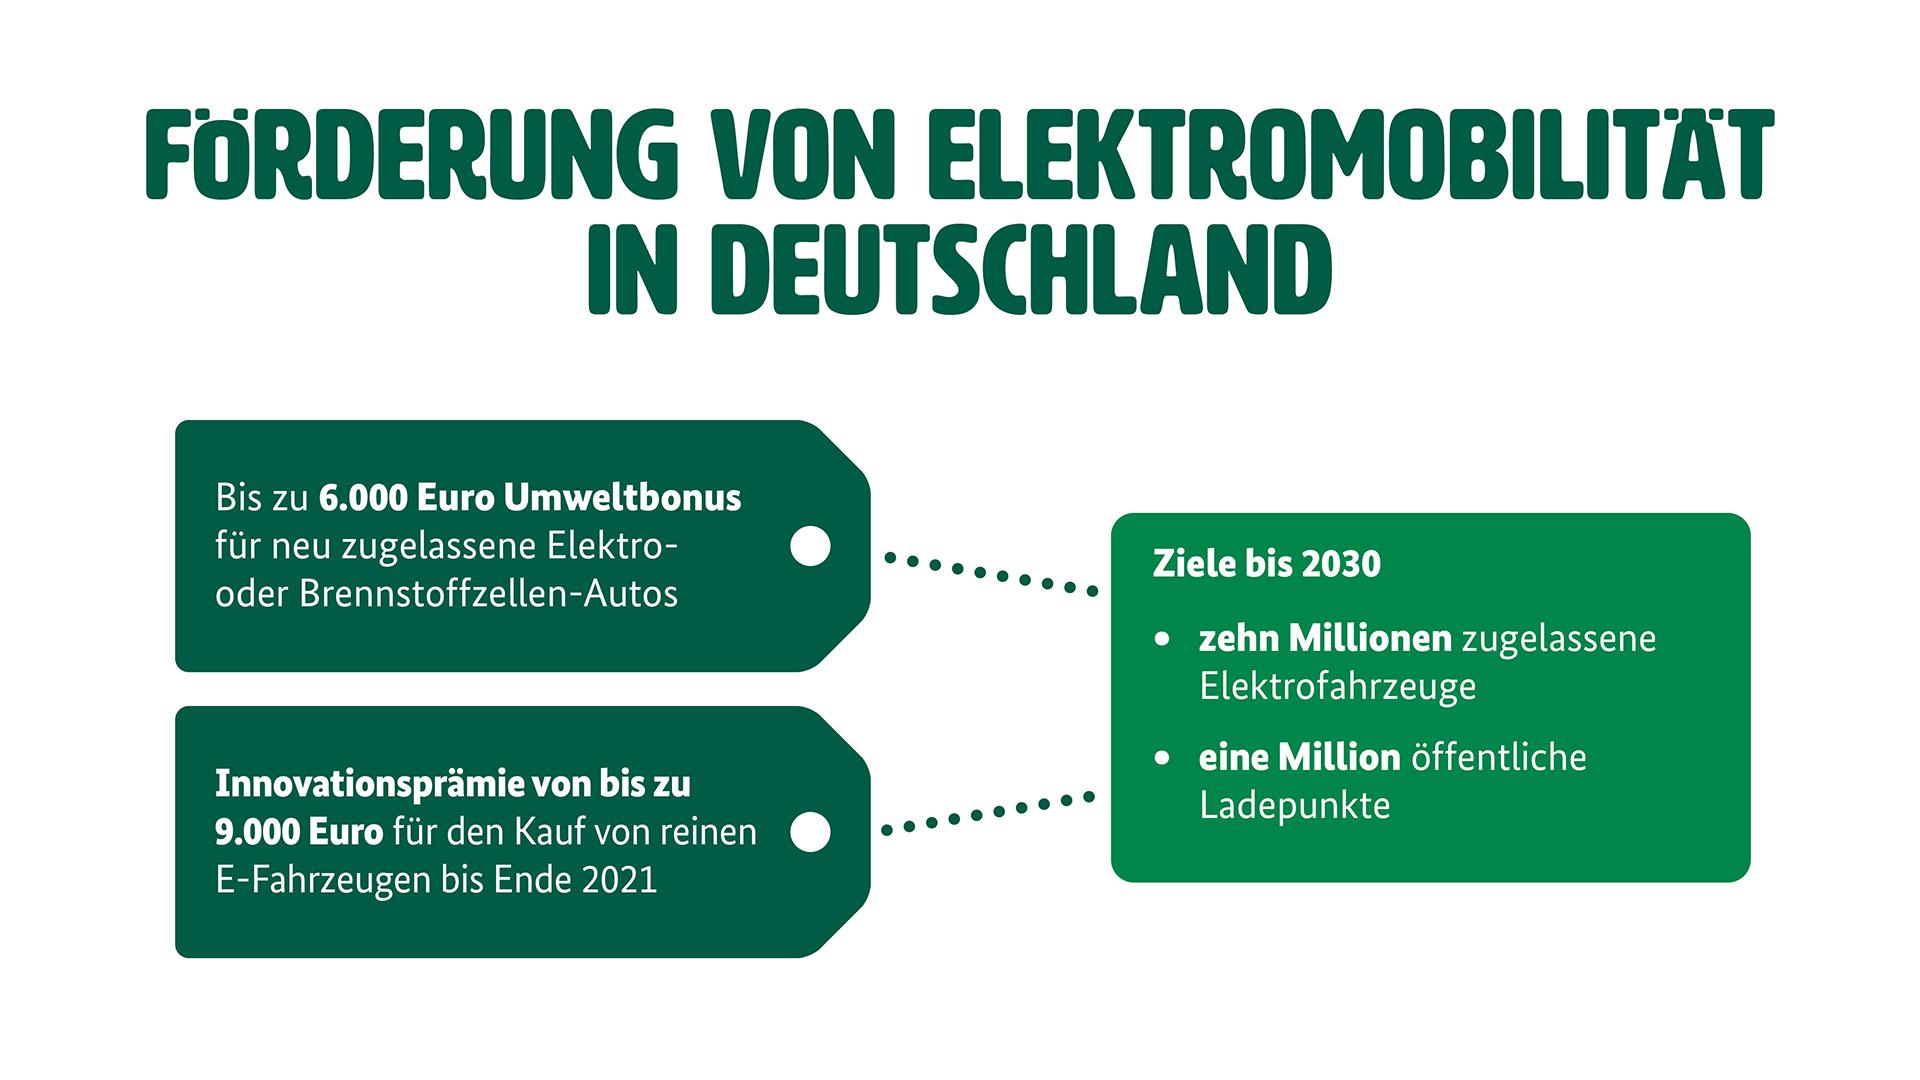 """Grafik zur Förderung von Elektromobilität (Weitere Beschreibung unterhalb des Bildes ausklappbar als """"ausführliche Beschreibung"""")"""